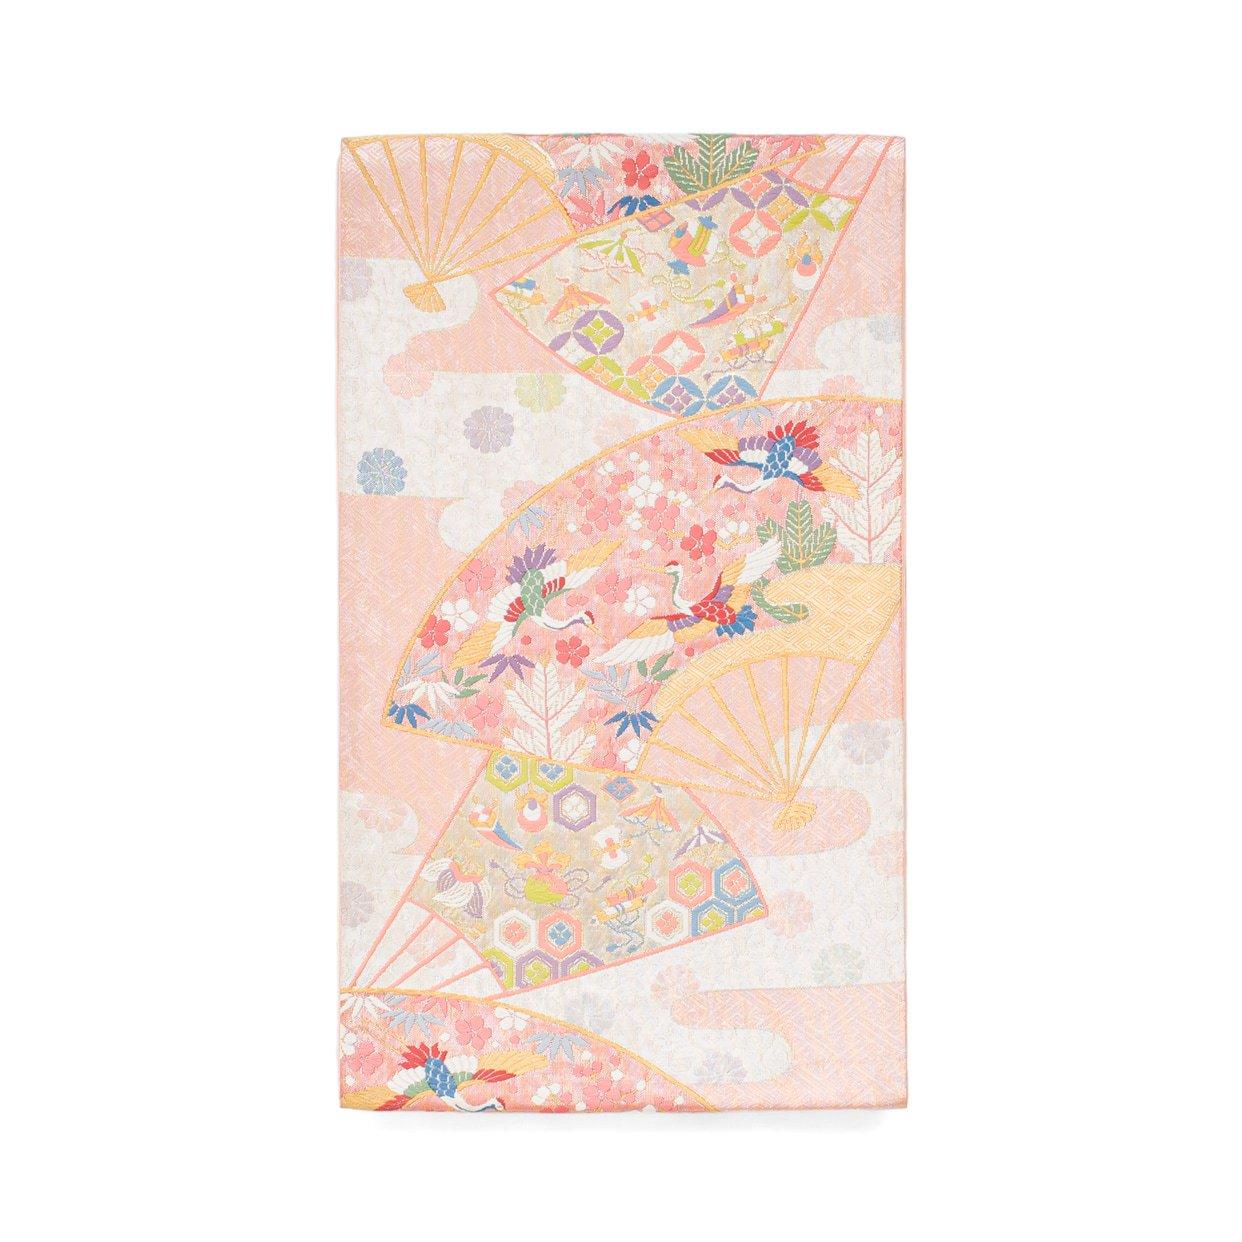 「袋帯●扇に鶴や宝尽くし文様など」の商品画像